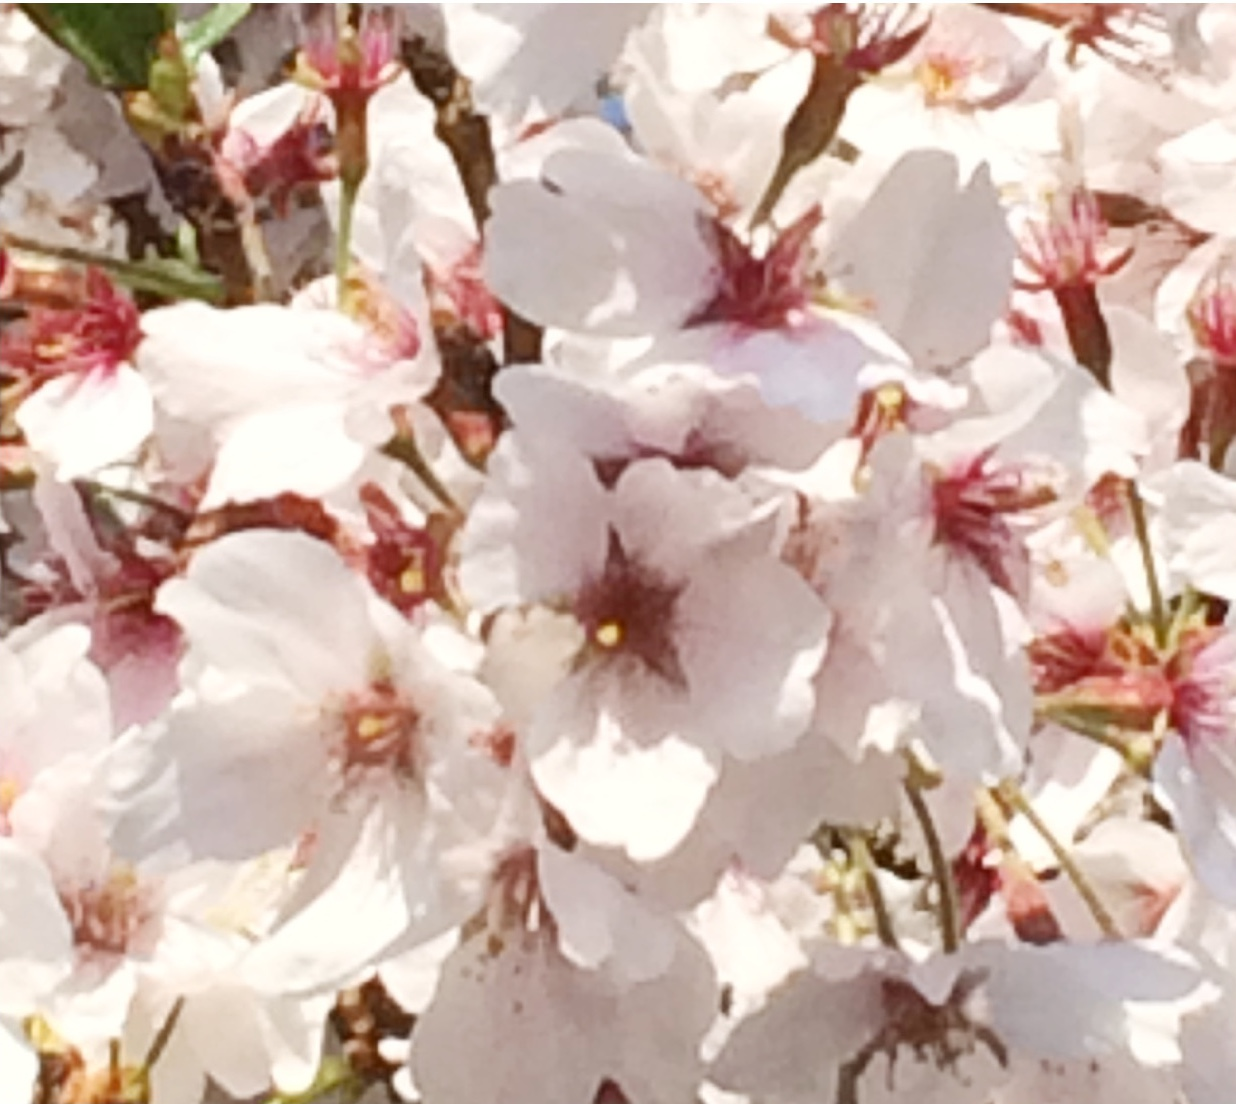 桜散り際アップ